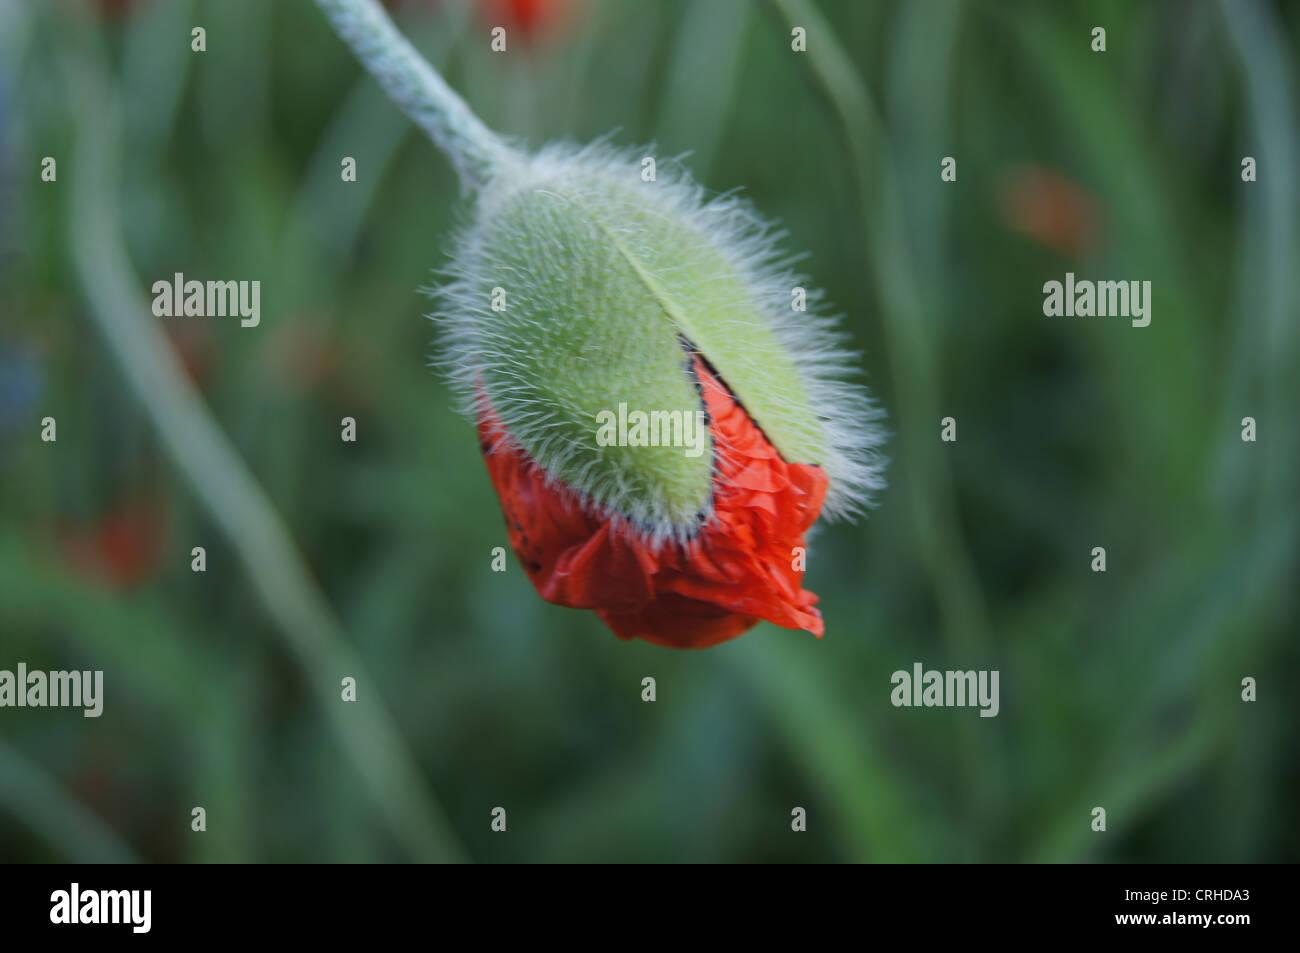 Poppy Flower Bud Beginning Open Stock Photos Poppy Flower Bud